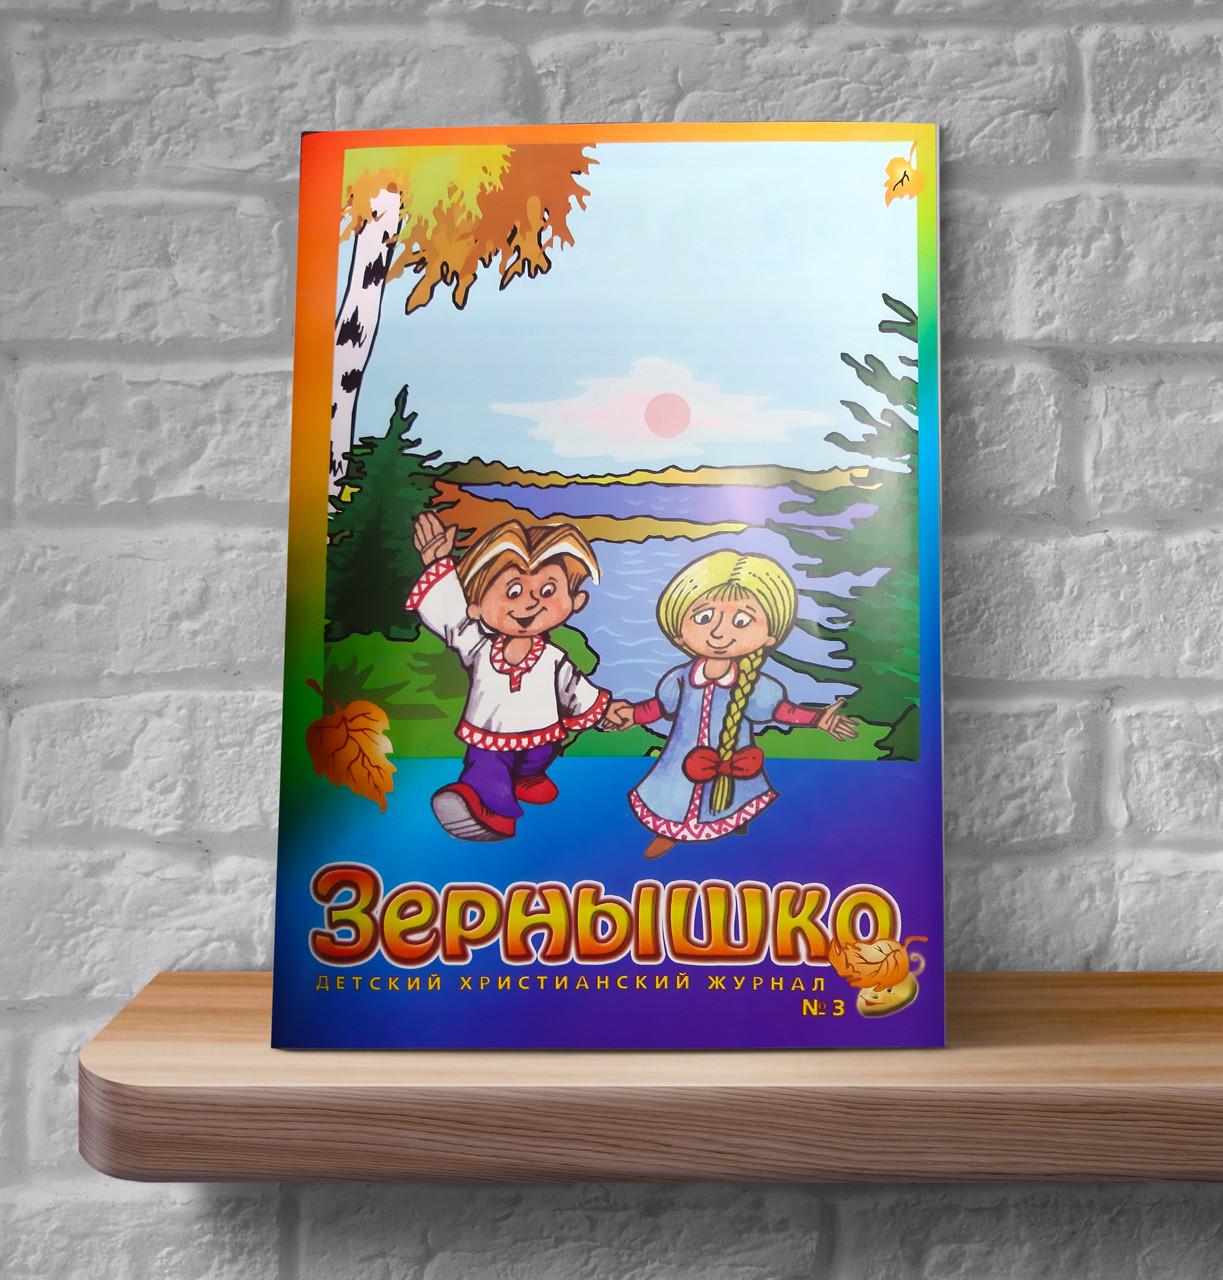 Зернышко № 3. Детский христианский журнал